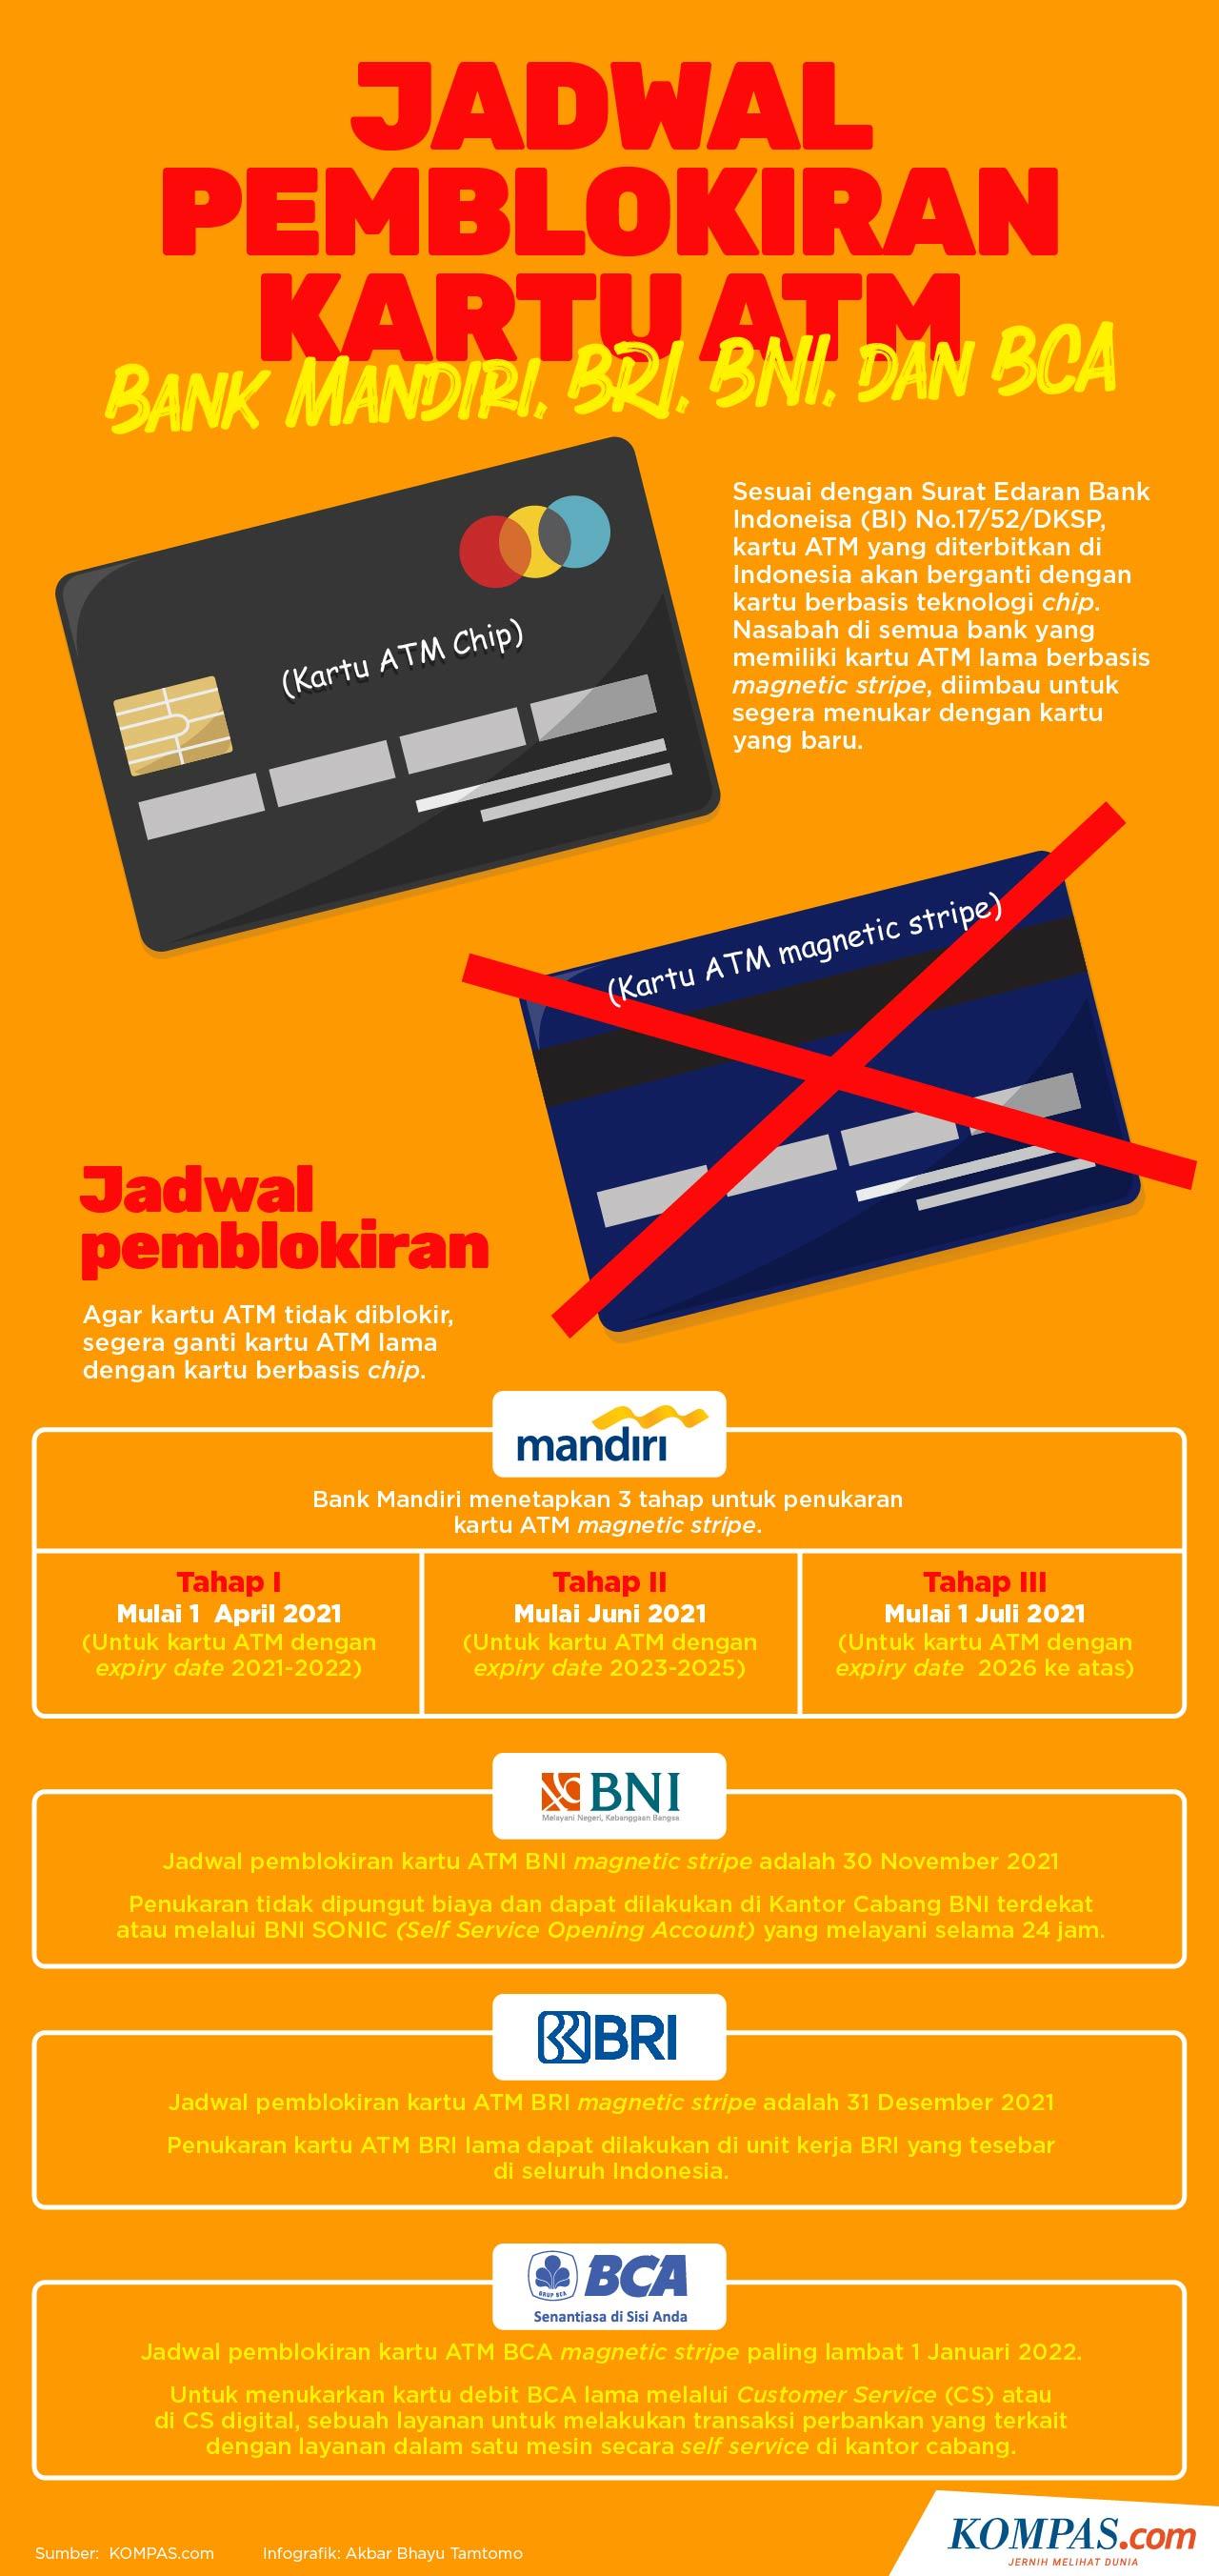 Infografik: Jadwal Pemblokiran Kartu ATM Bank Mandiri, BRI, BNI, dan BCA.